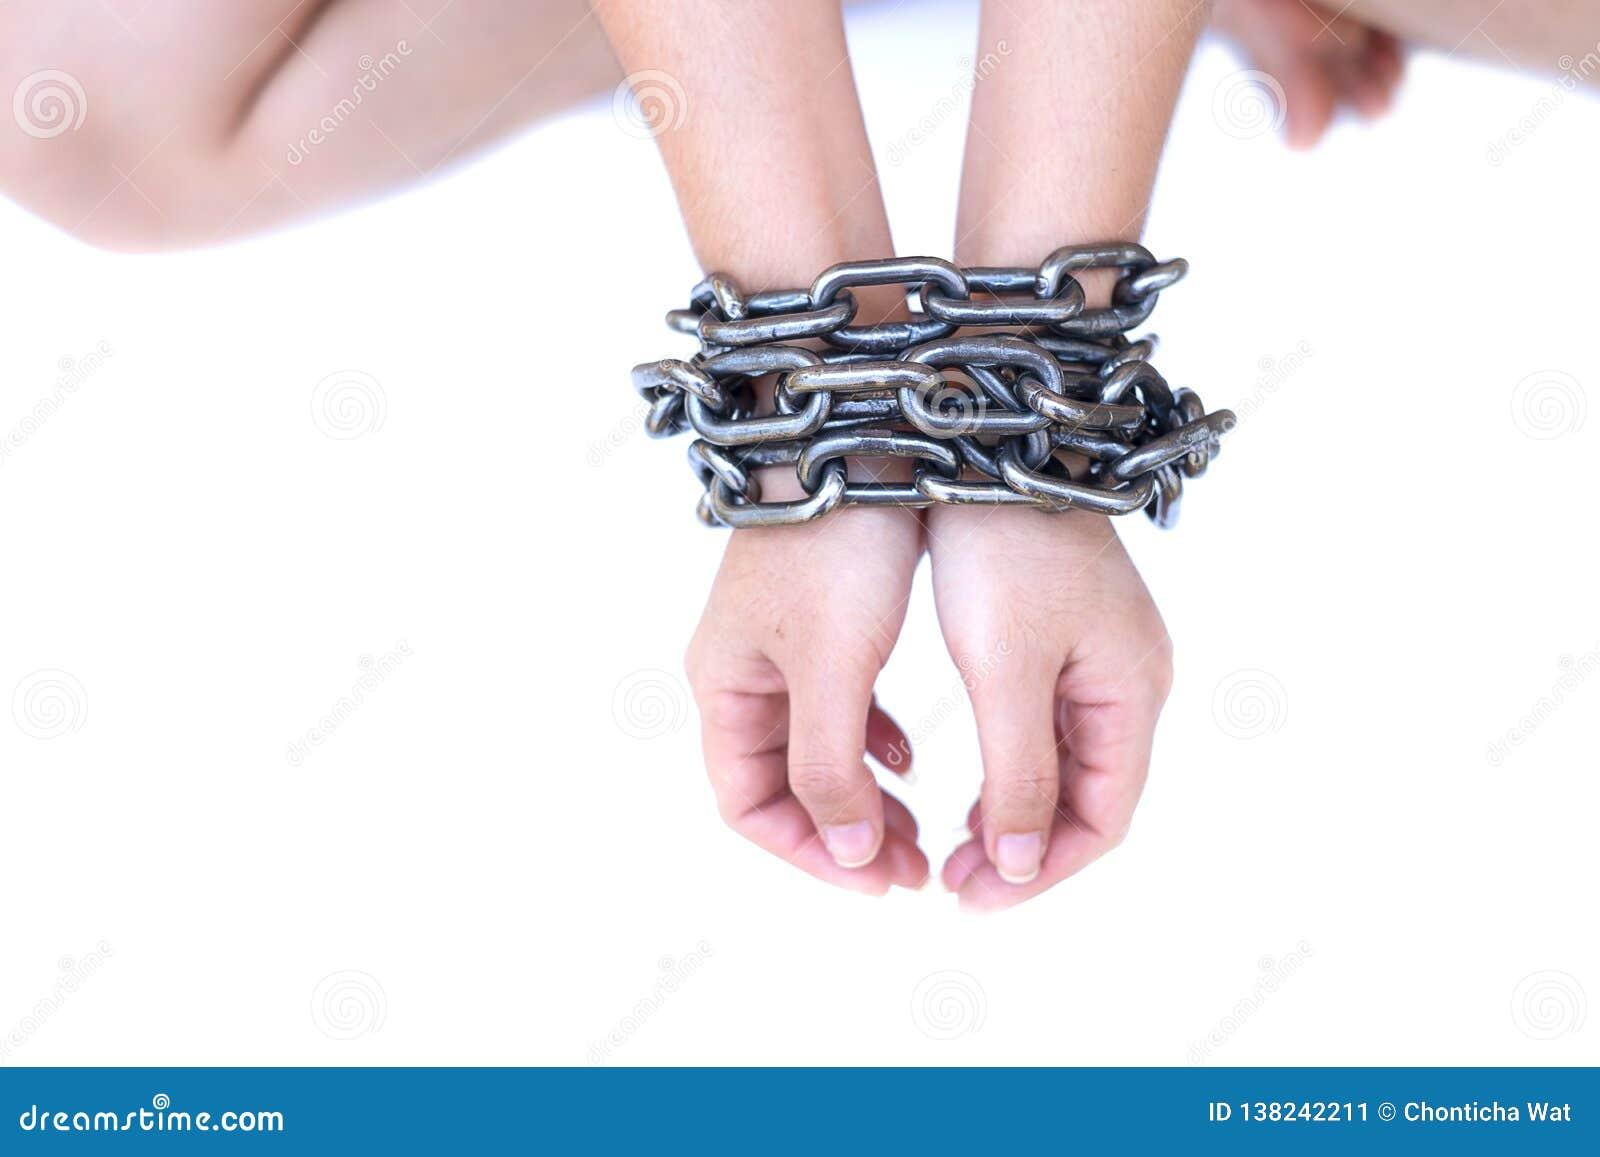 Manos auxiliares de la mujer implicadas con la cadena de acero en el fondo blanco, violaciones de derechos humanos, el día de las